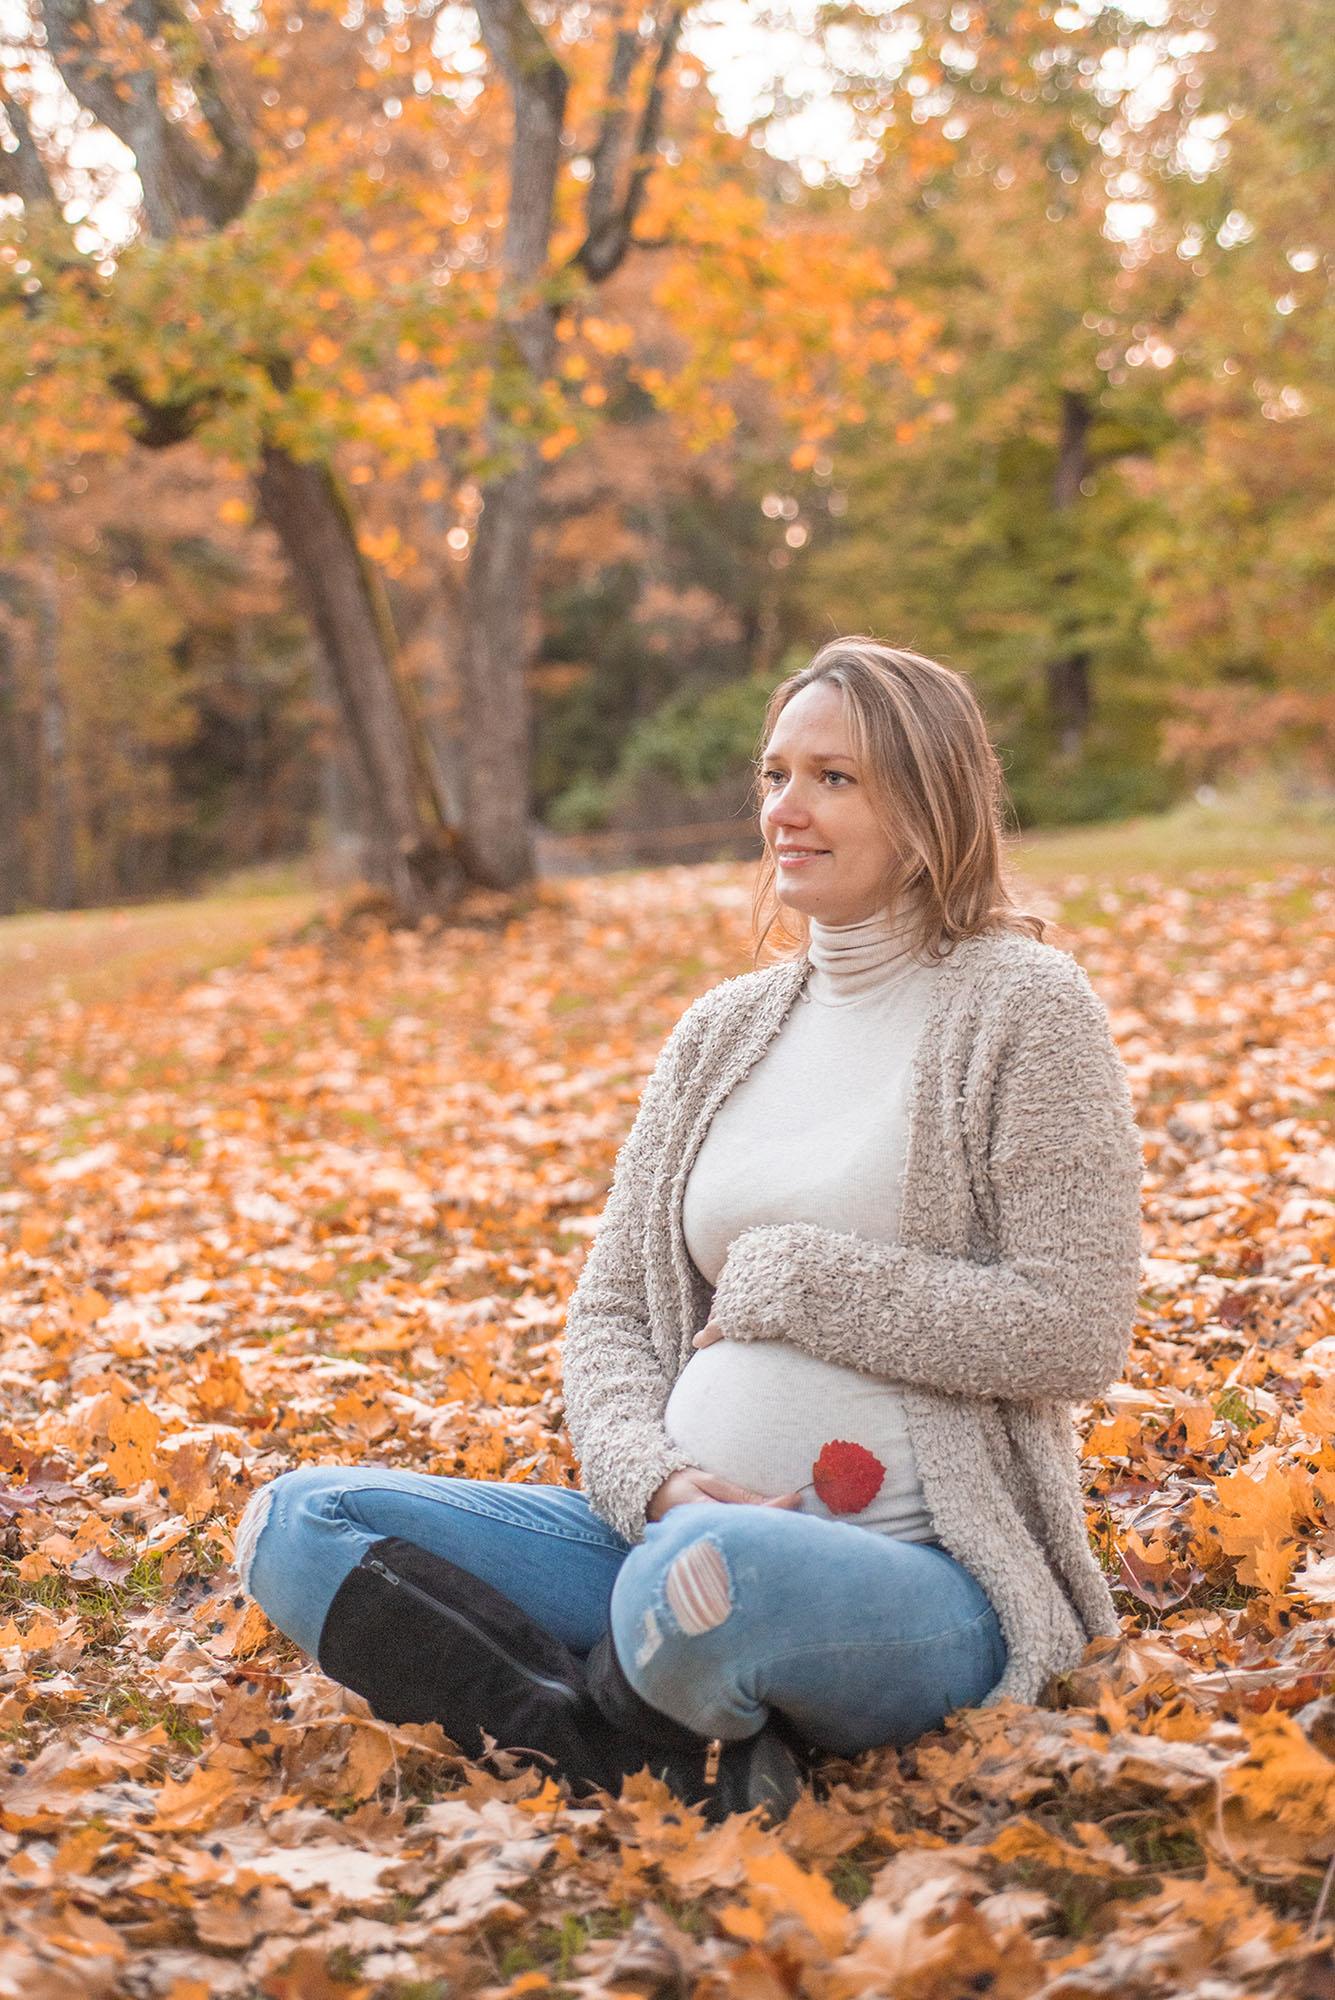 valokuvaus henkilökuvaus potrettikuvaus raskauskuvaus mahakuvaus